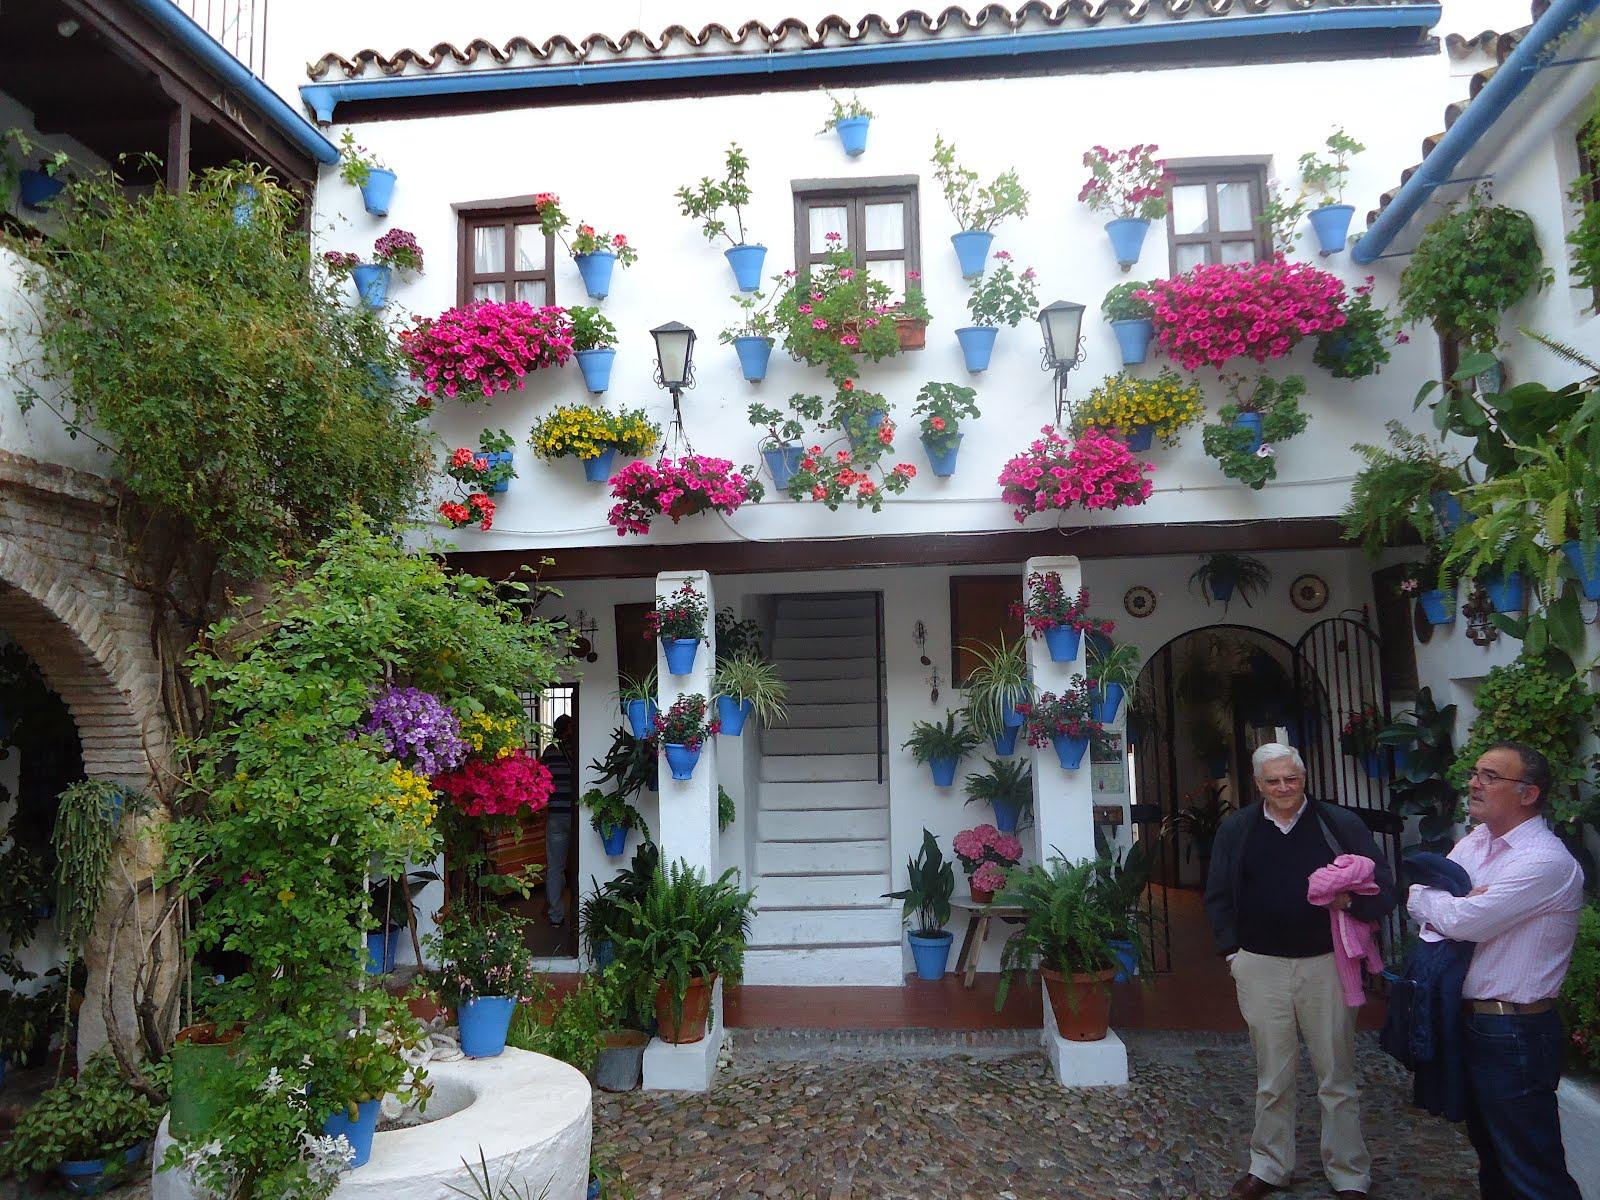 Teresa patio andaluz - Fotos patio andaluz ...